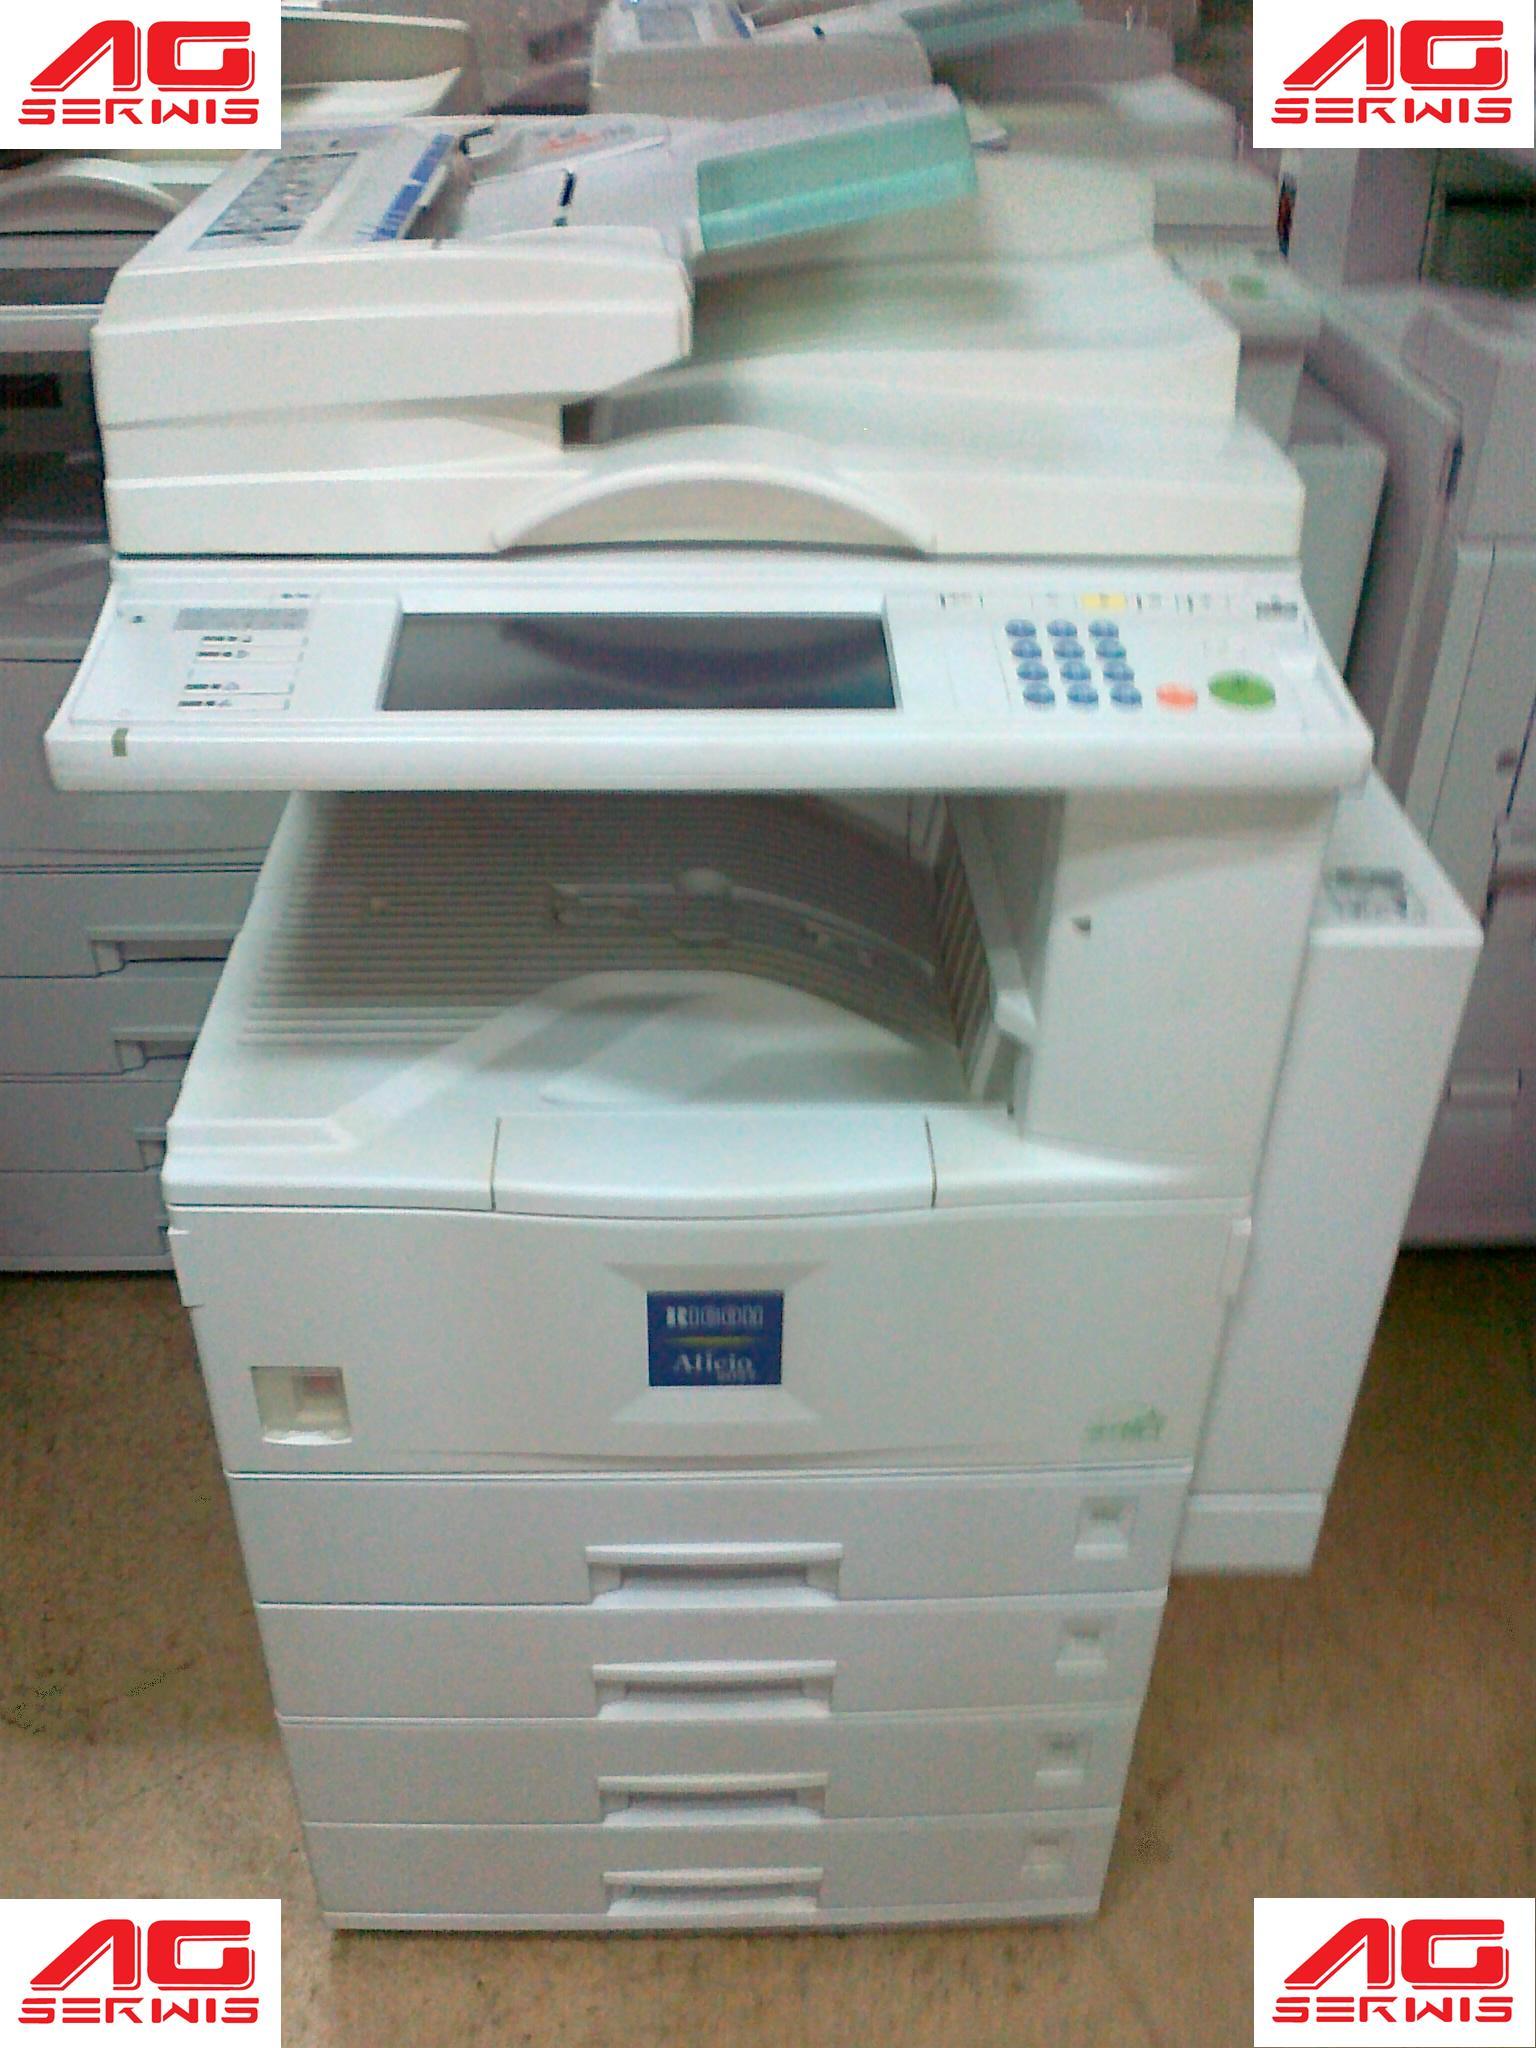 drukarki wielofunkcyjne